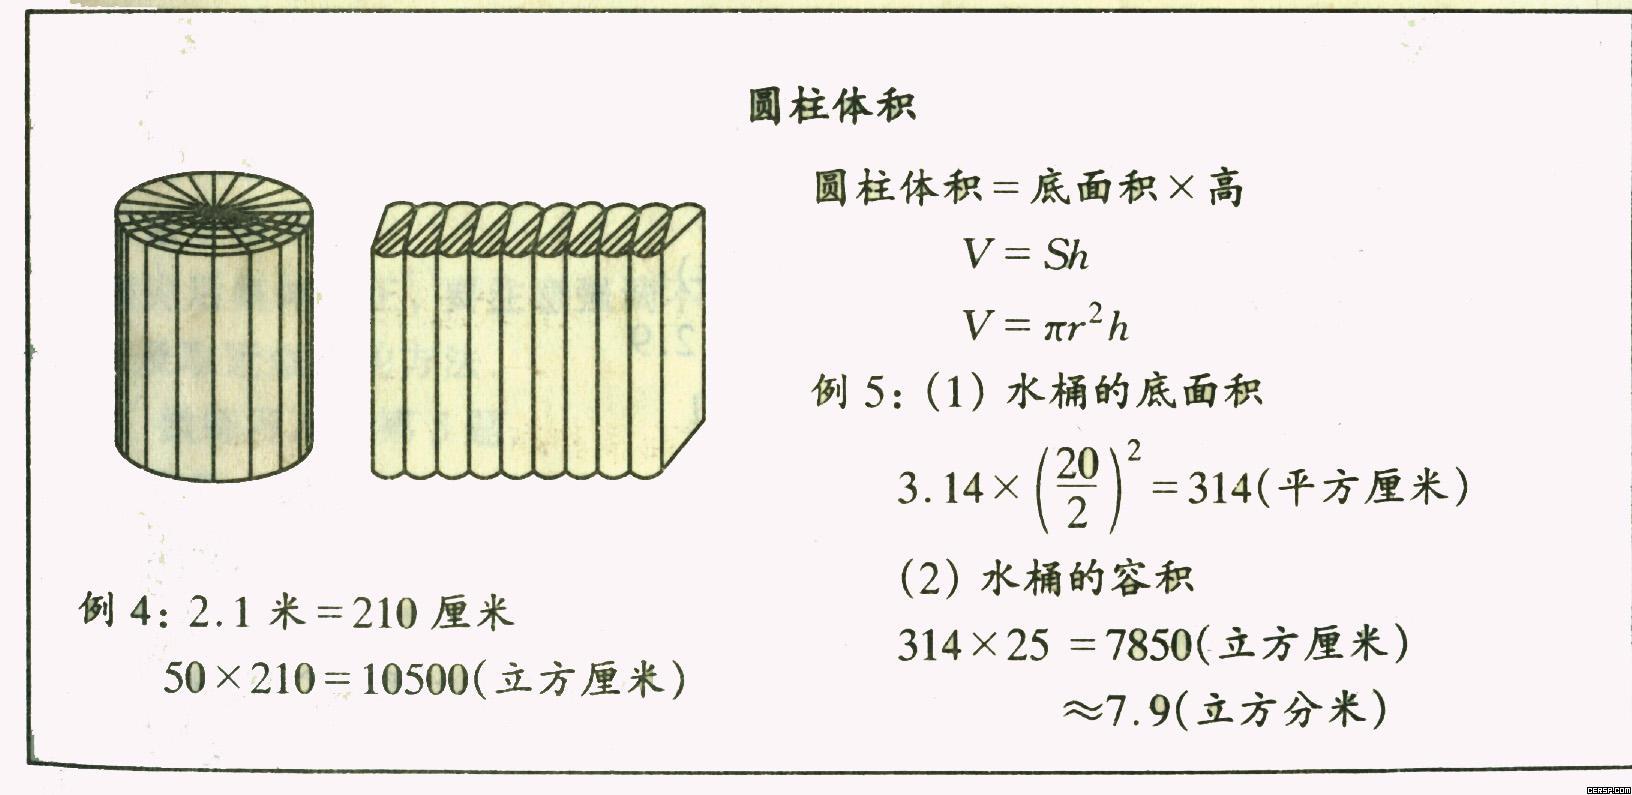 圆柱体积 圆柱体积的计算公式 圆柱体积公式图片